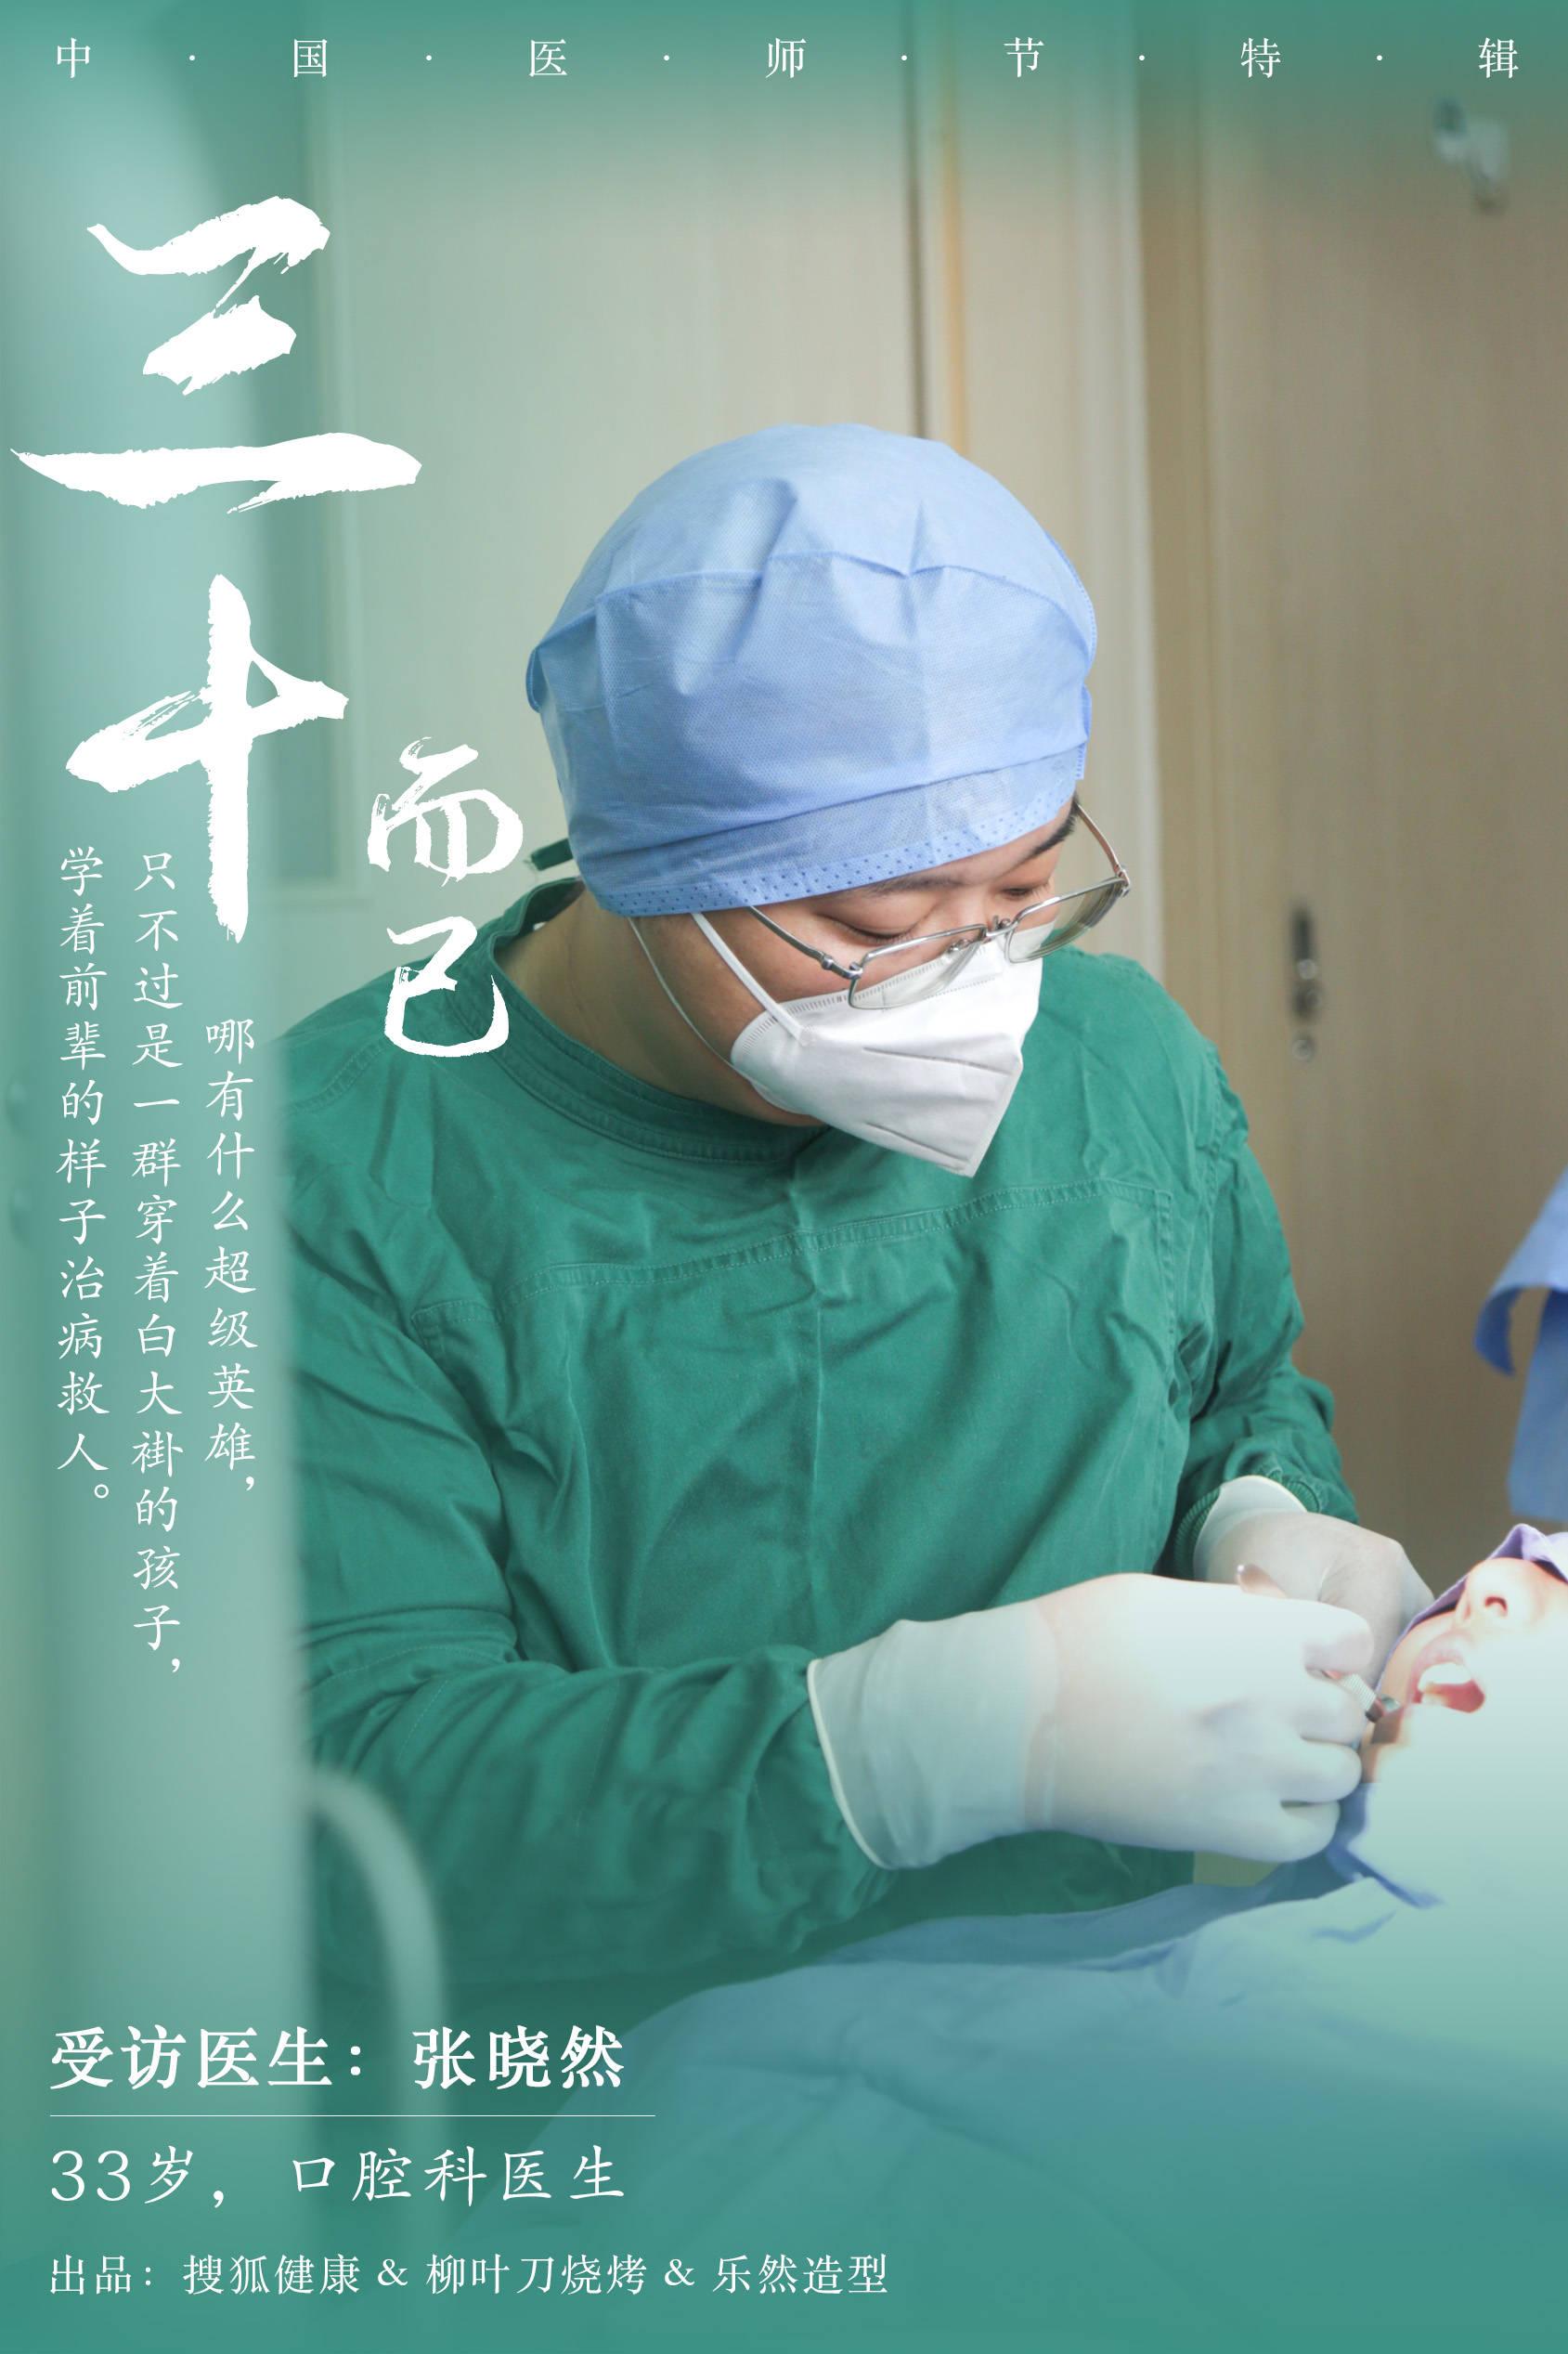 原创搜狐健康医师节特辑|张晓然医生:我是五代口腔医学世家传人